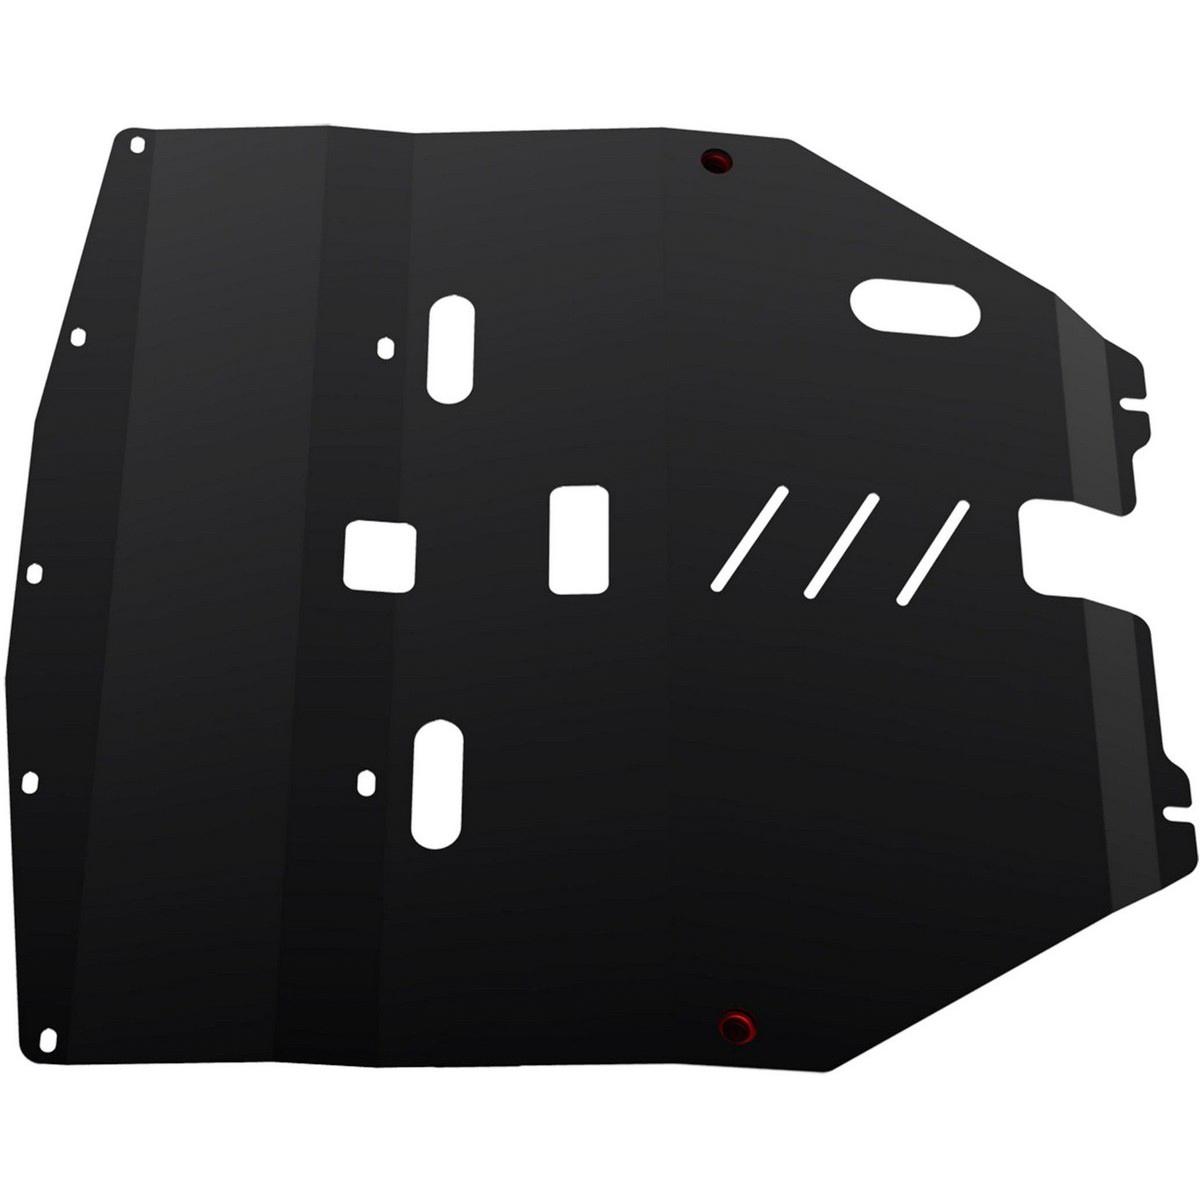 Защита картера Автоброня Nissan Teana 2003-2008, сталь 2 мм111.04133.1Защита картера Автоброня Nissan Teana, V - 3,5 2003-2008, сталь 2 мм, комплект крепежа, 111.04133.1Стальные защиты Автоброня надежно защищают ваш автомобиль от повреждений при наезде на бордюры, выступающие канализационные люки, кромки поврежденного асфальта или при ремонте дорог, не говоря уже о загородных дорогах. - Имеют оптимальное соотношение цена-качество. - Спроектированы с учетом особенностей автомобиля, что делает установку удобной. - Защита устанавливается в штатные места кузова автомобиля. - Является надежной защитой для важных элементов на протяжении долгих лет. - Глубокий штамп дополнительно усиливает конструкцию защиты. - Подштамповка в местах крепления защищает крепеж от срезания. - Технологические отверстия там, где они необходимы для смены масла и слива воды, оборудованные заглушками, закрепленными на защите. Толщина стали 2 мм. В комплекте крепеж и инструкция по установке.Уважаемые клиенты! Обращаем ваше внимание на тот факт, что защита имеет форму, соответствующую модели данного автомобиля. Наличие глубокого штампа и лючков для смены фильтров/масла предусмотрено не на всех защитах. Фото служит для визуального восприятия товара.